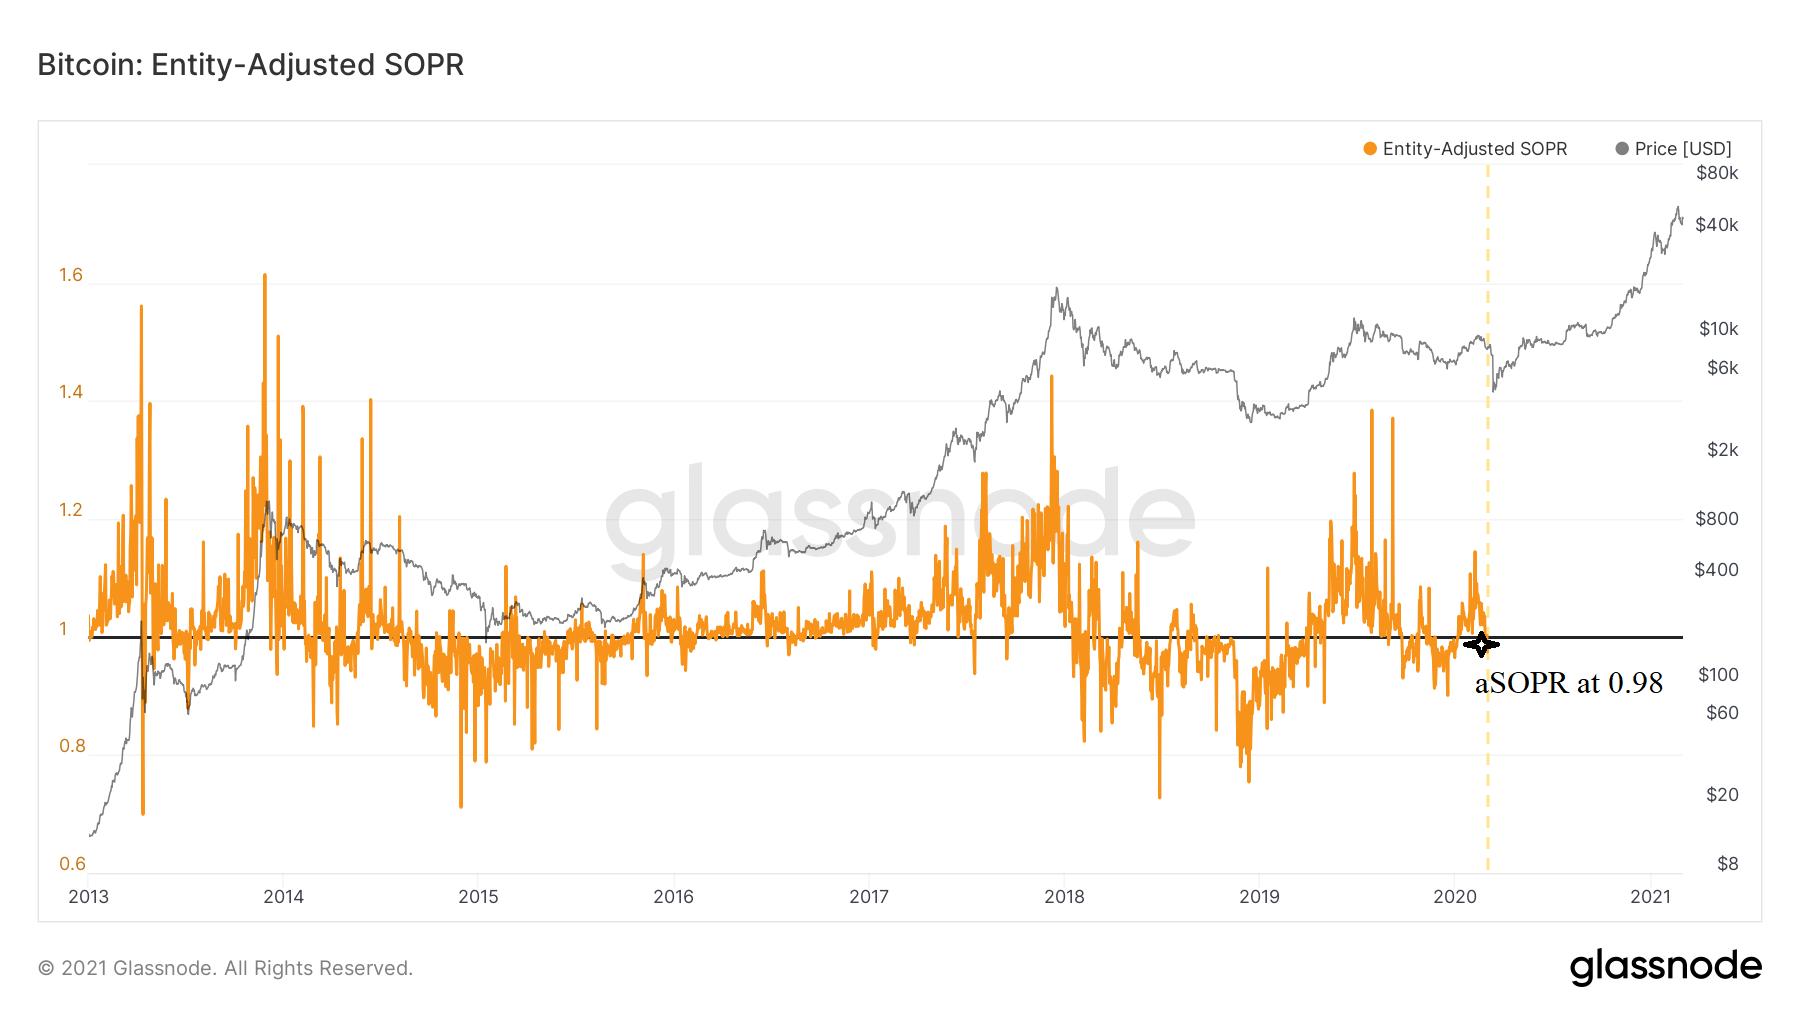 Bitcoin aSOPR chart